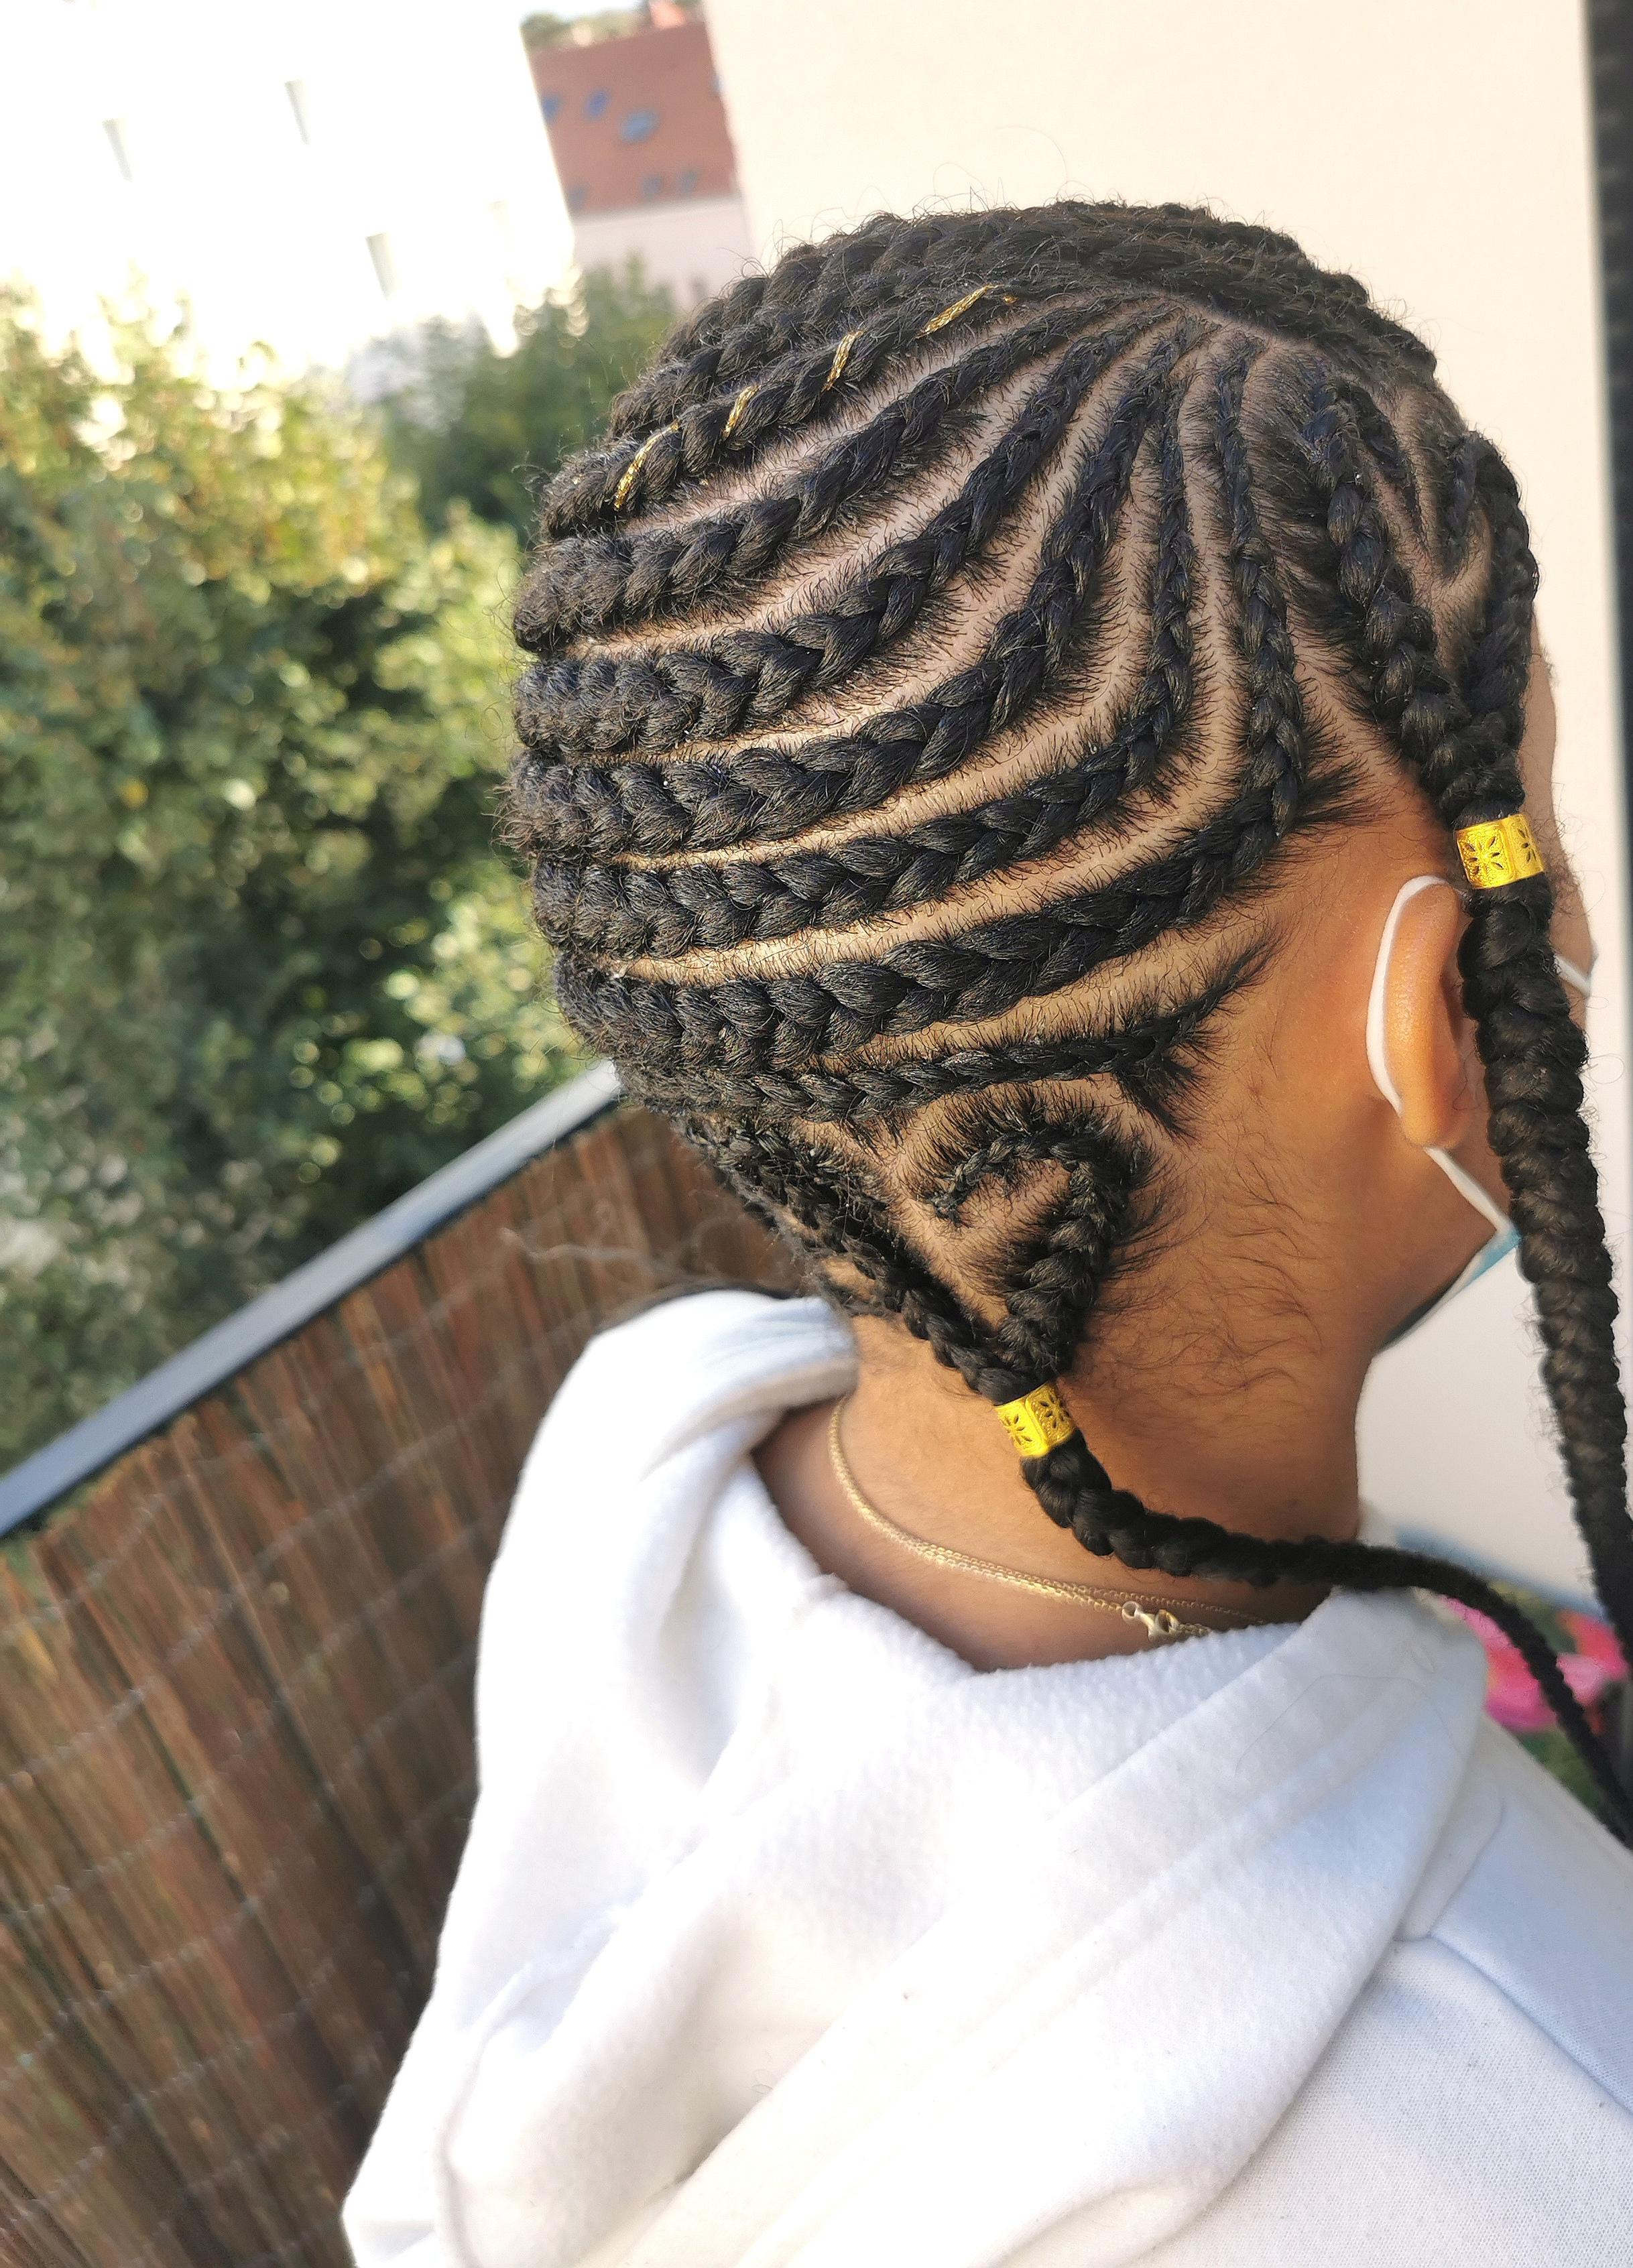 salon de coiffure afro tresse tresses box braids crochet braids vanilles tissages paris 75 77 78 91 92 93 94 95 DOAIFPOV